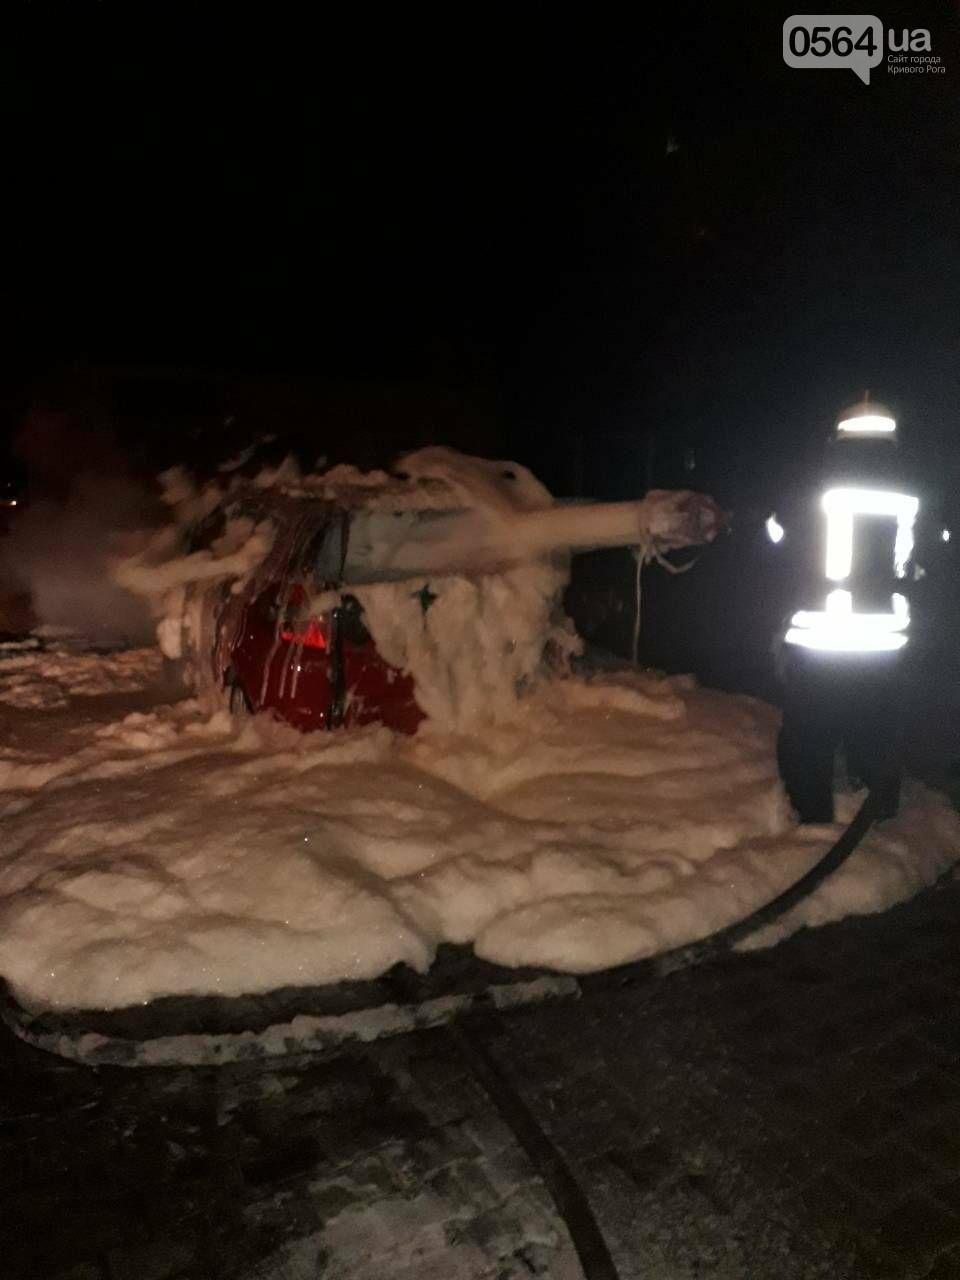 В Кривом Роге сгорела иномарка. Под соседним авто найдены улики возможного поджога (ФОТО) , фото-5